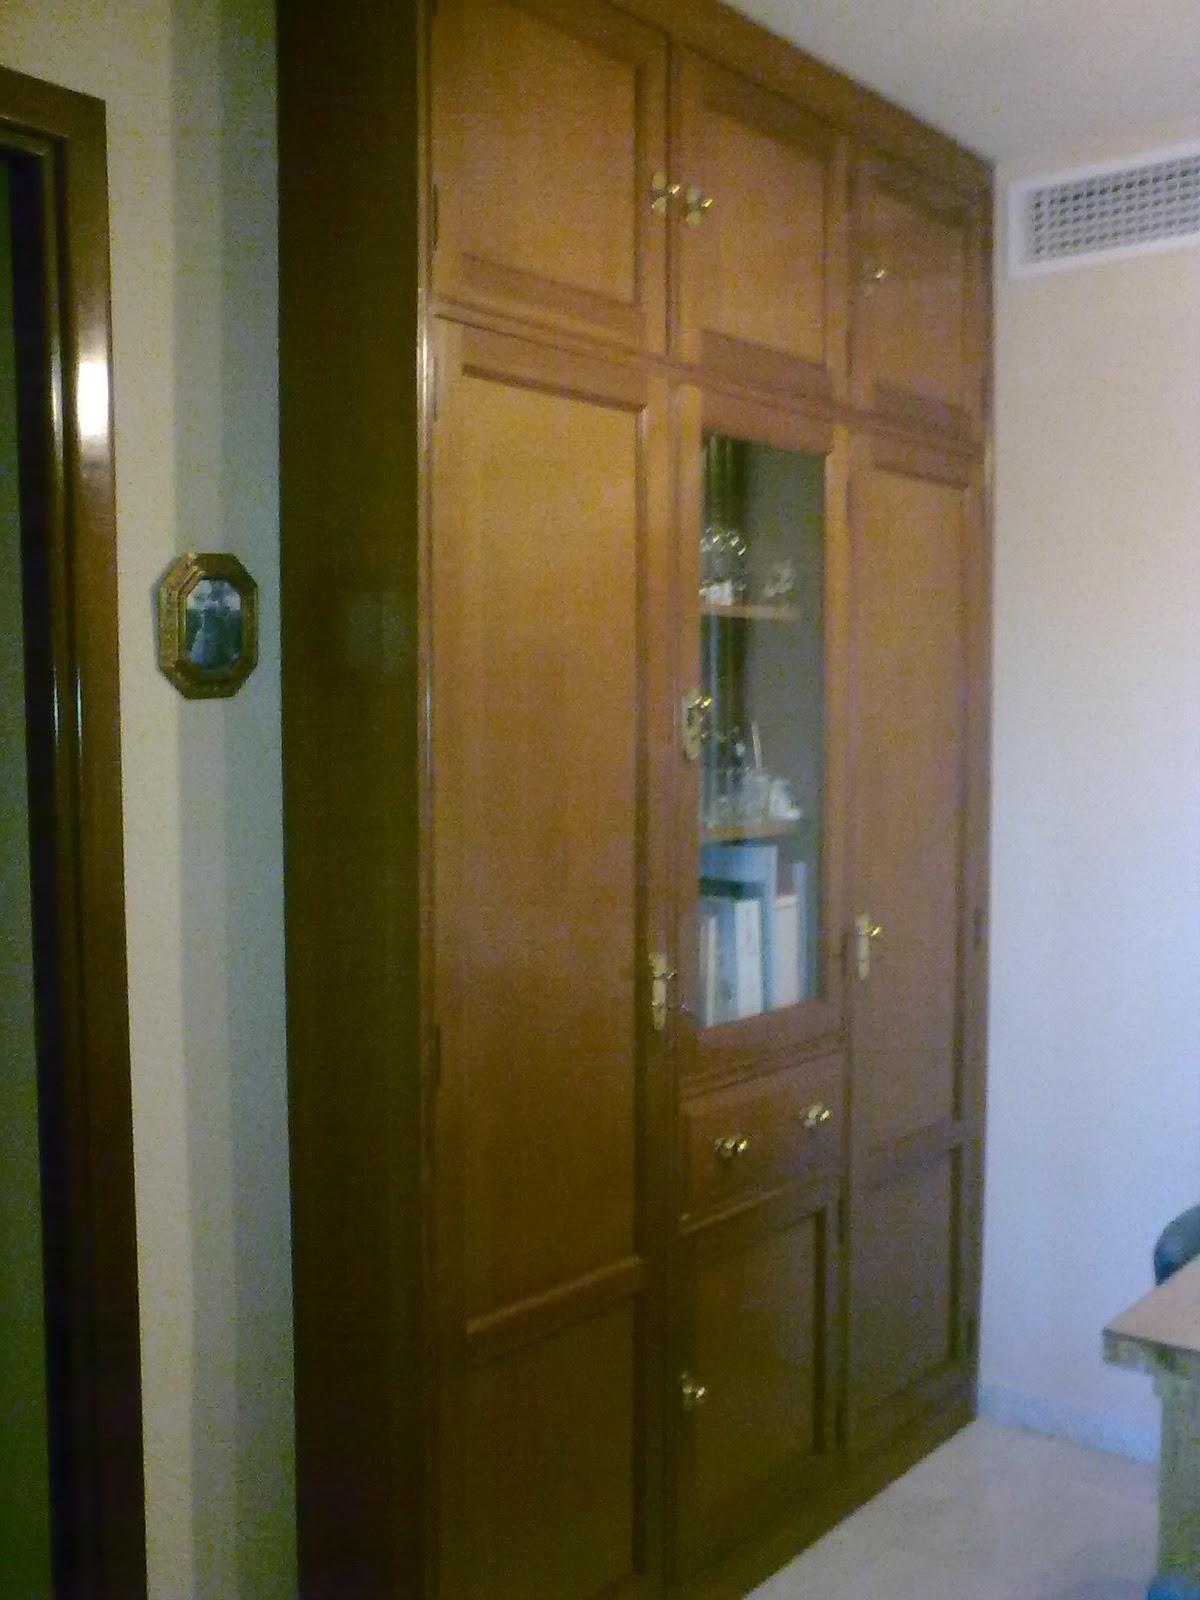 Carpinter a ramos armario recibidor con vitrina - Recibidor con armario ...